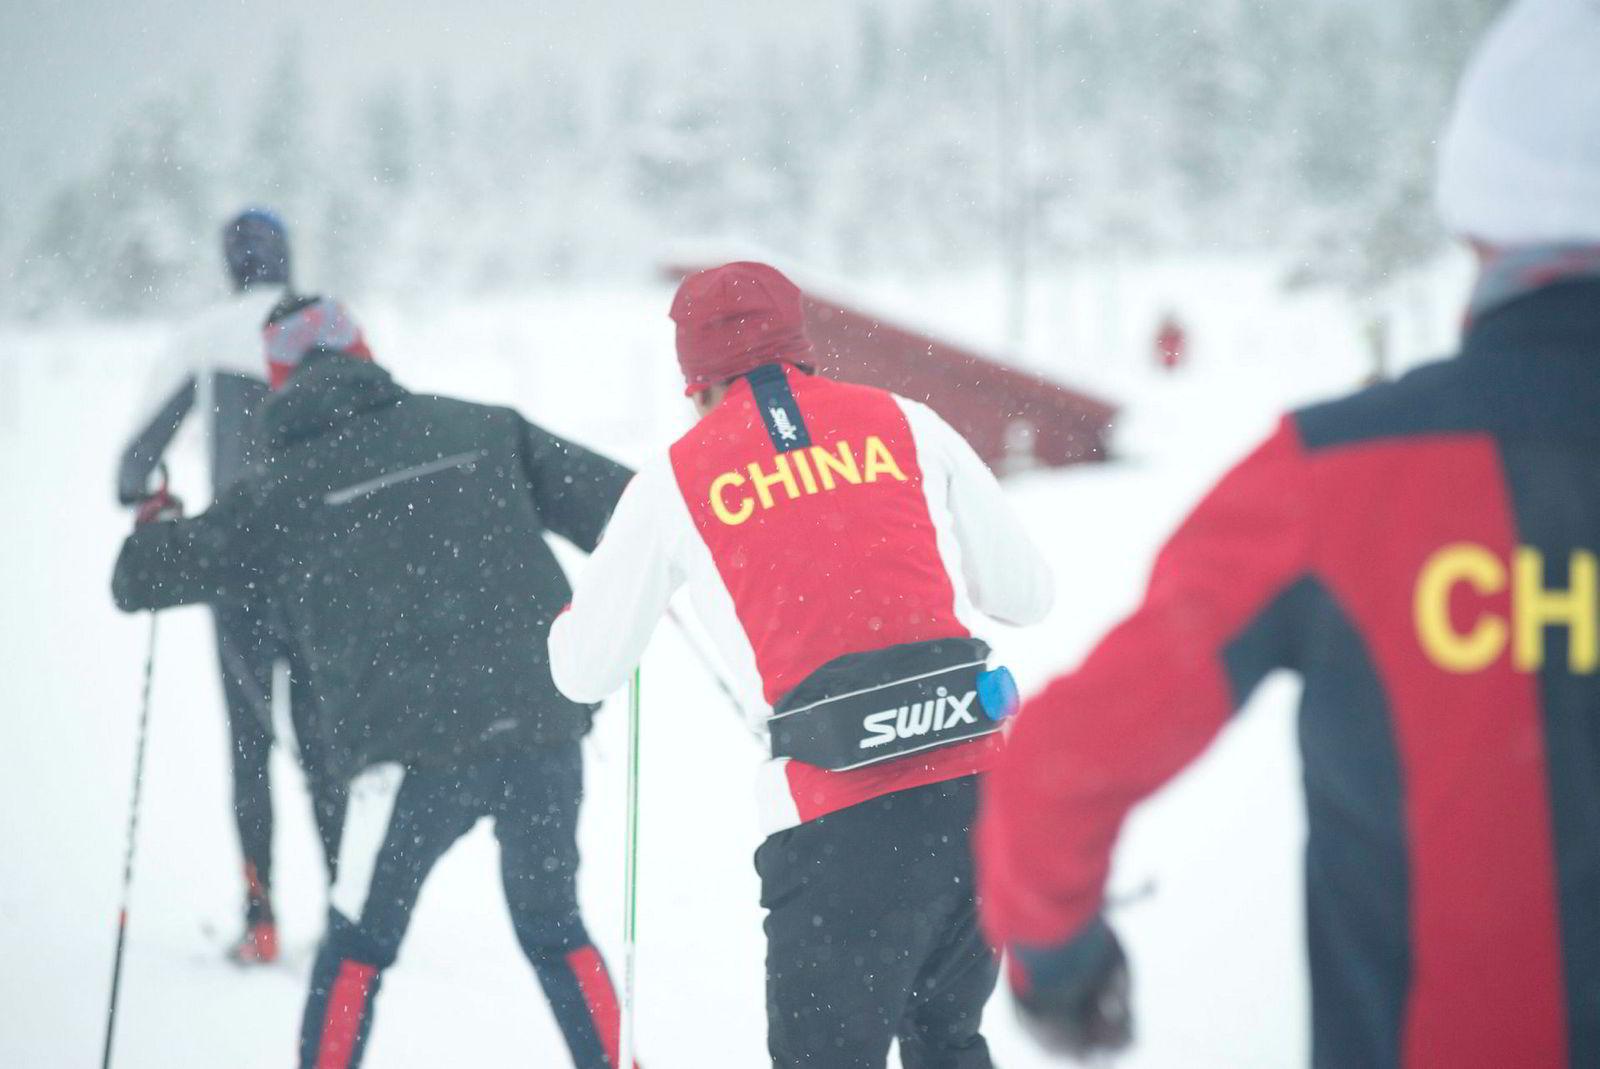 De kinesiske utøverne har trent mer enn norske utøvere vanligvis gjør før de kom hit. Som skiløpere trener de foreløpig 15–20 i uken, men målet er å gradvis øke mengden, ifølge Tor Arne Hetland, som har ansvar for kinesernes opplegg ved Meråker skigymnas.